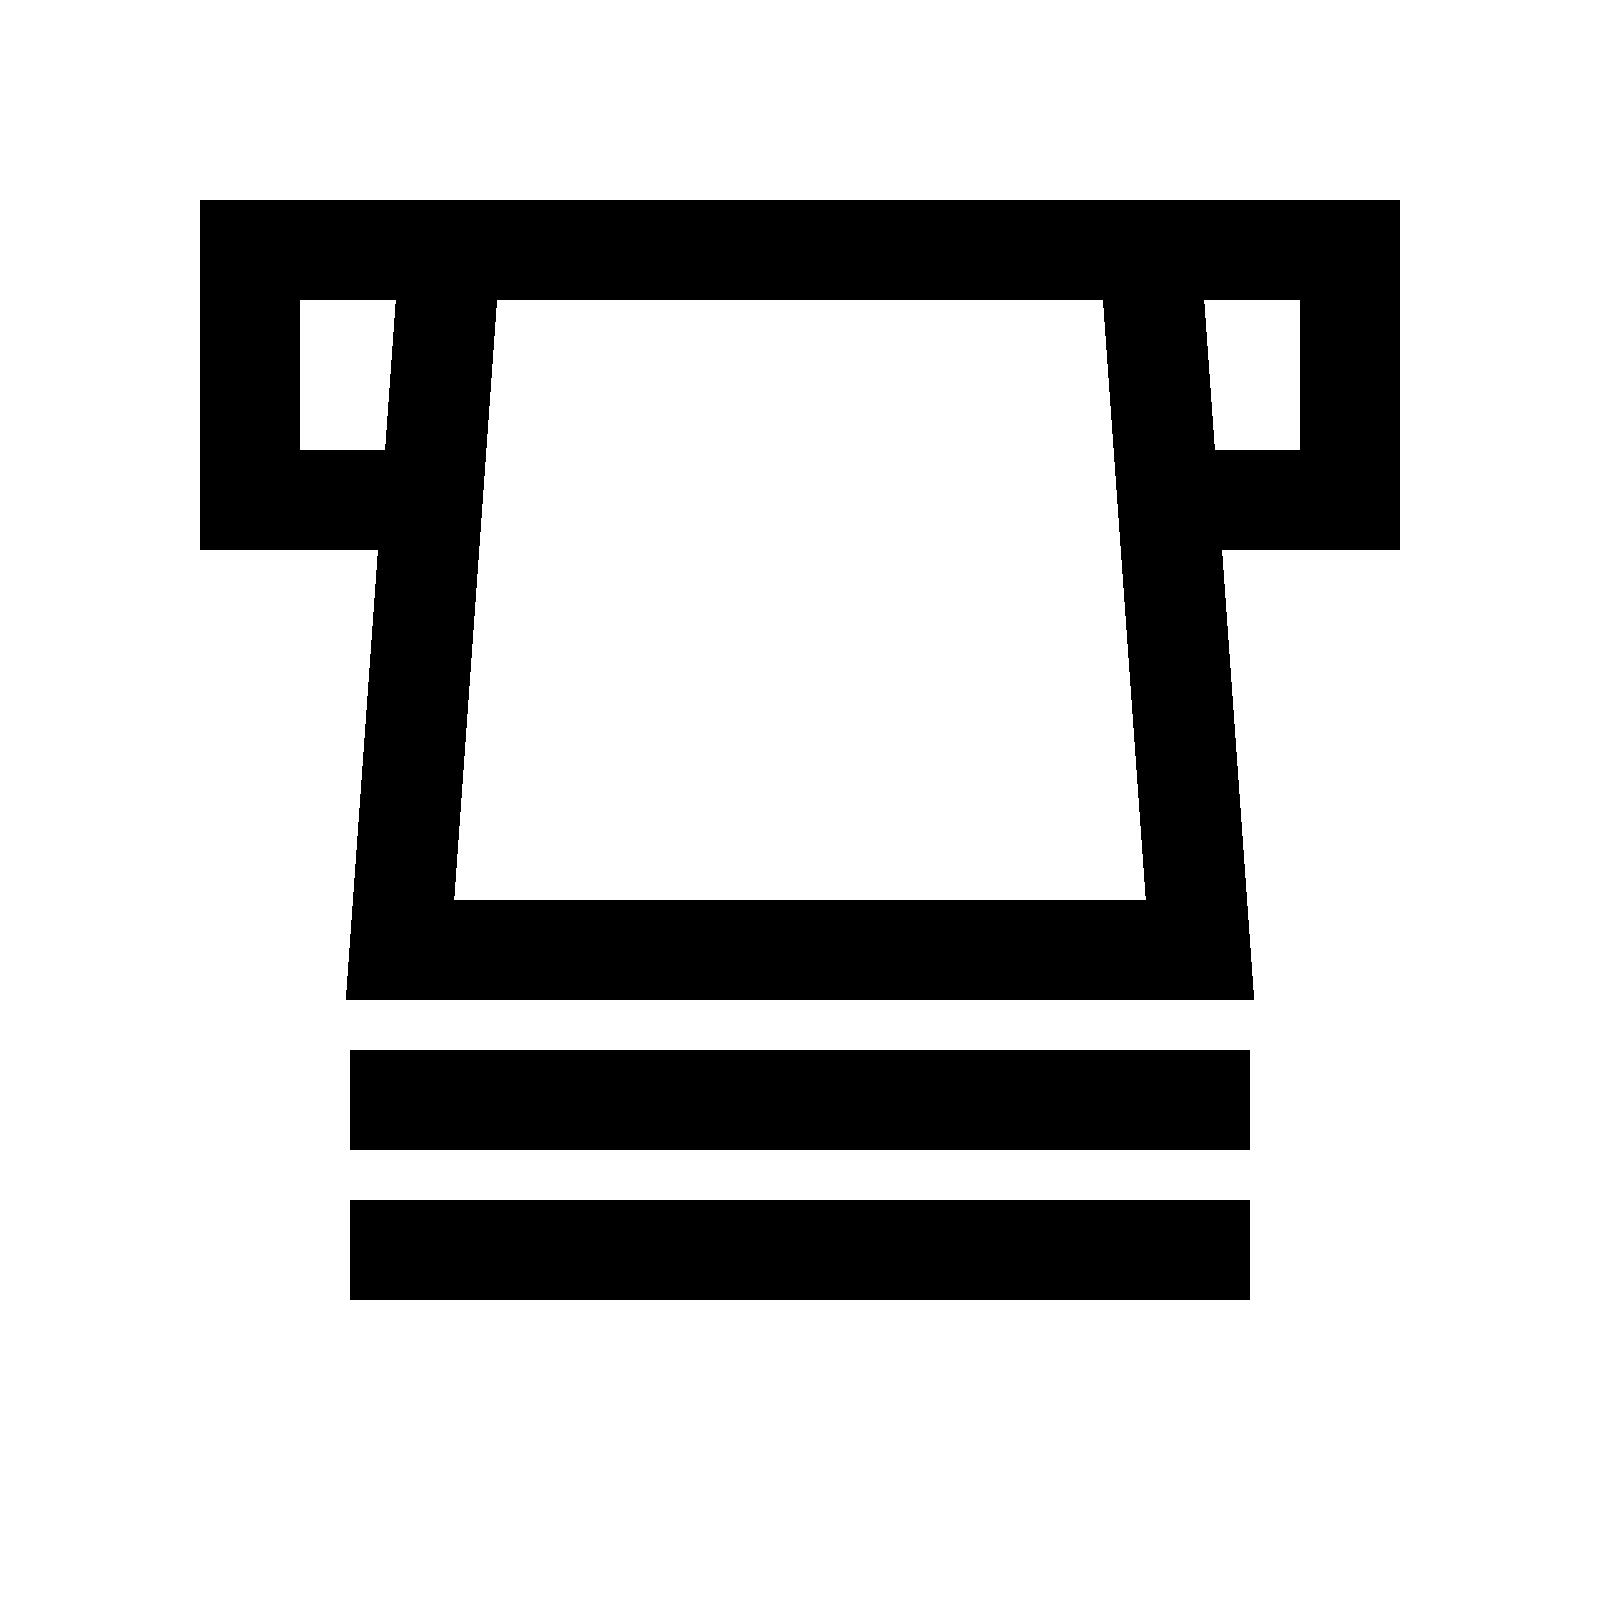 Hartie pentru imprimante matriceale